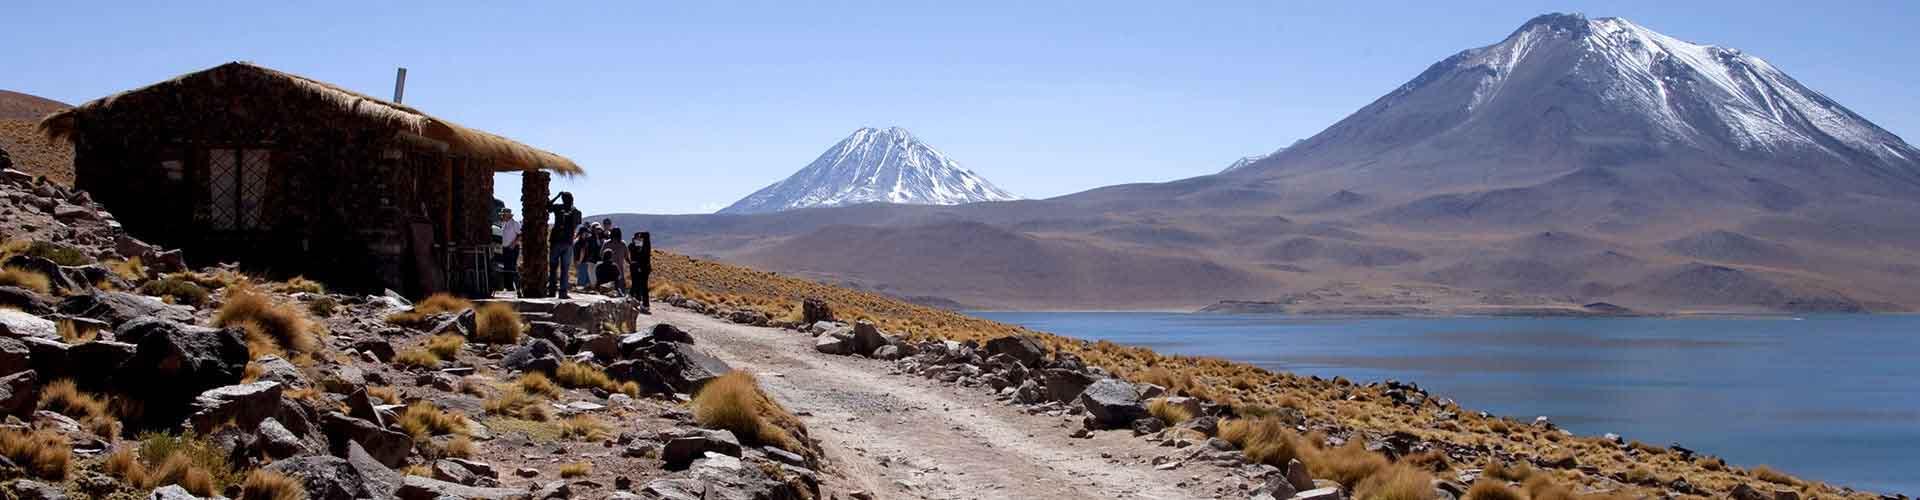 San Pedro de Atacama - Hostales en San Pedro de Atacama. Mapas de San Pedro de Atacama, Fotos y comentarios de cada Hostal en San Pedro de Atacama.